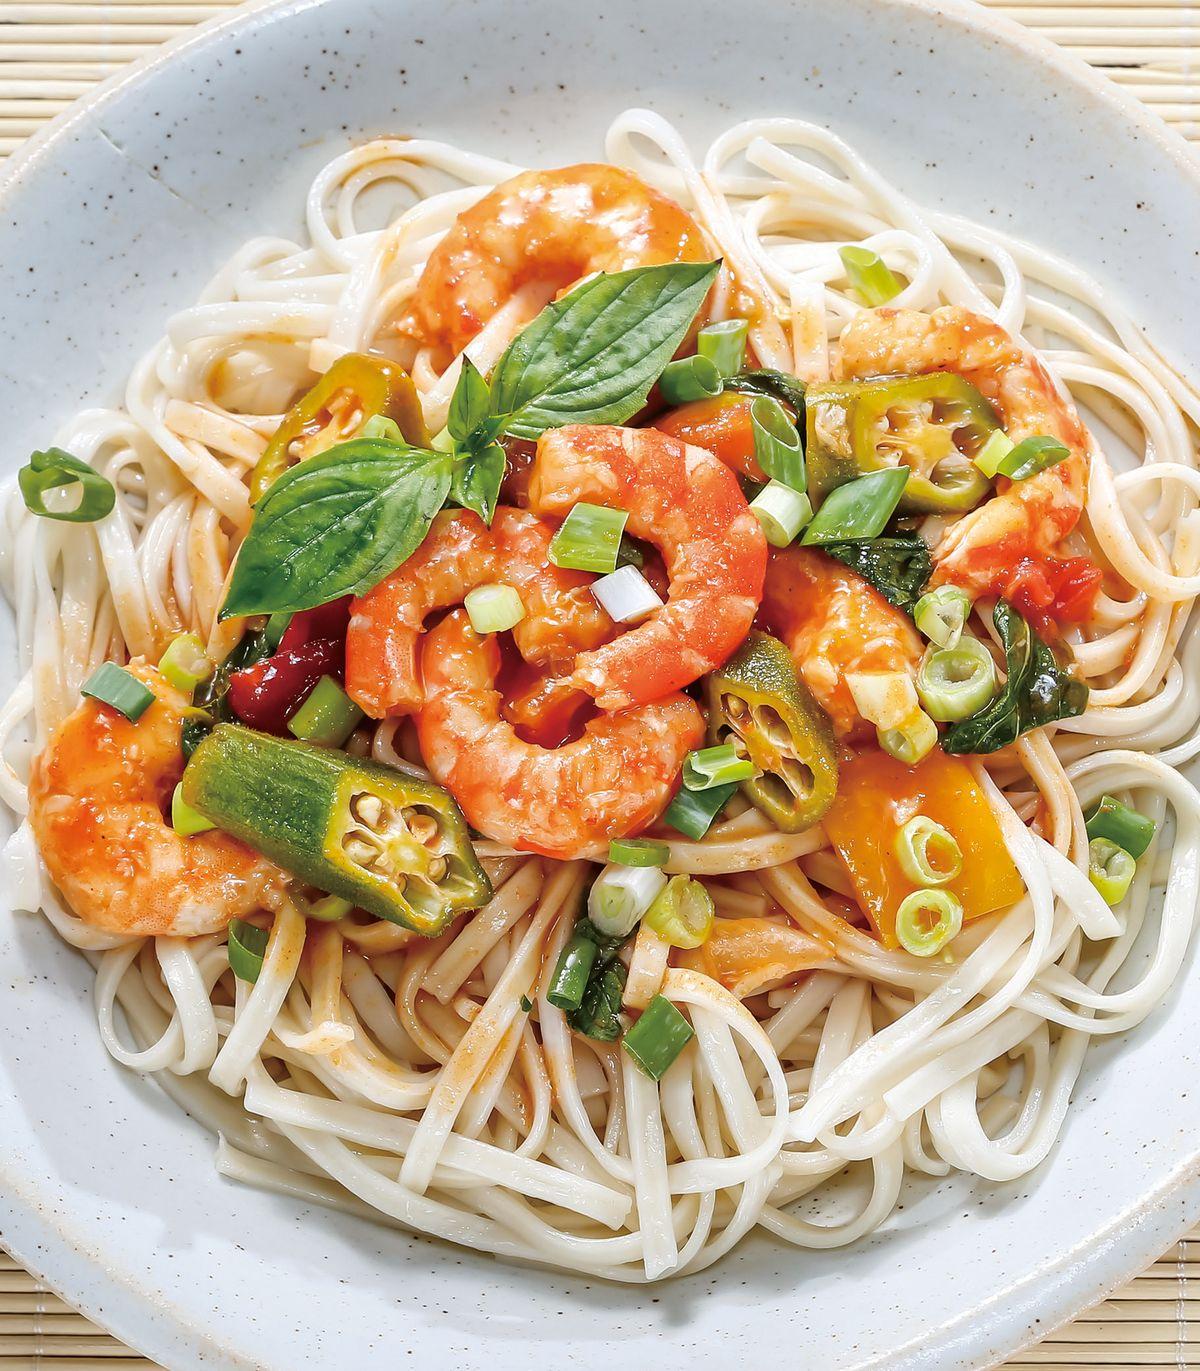 食譜:泰式酸辣番茄蝦